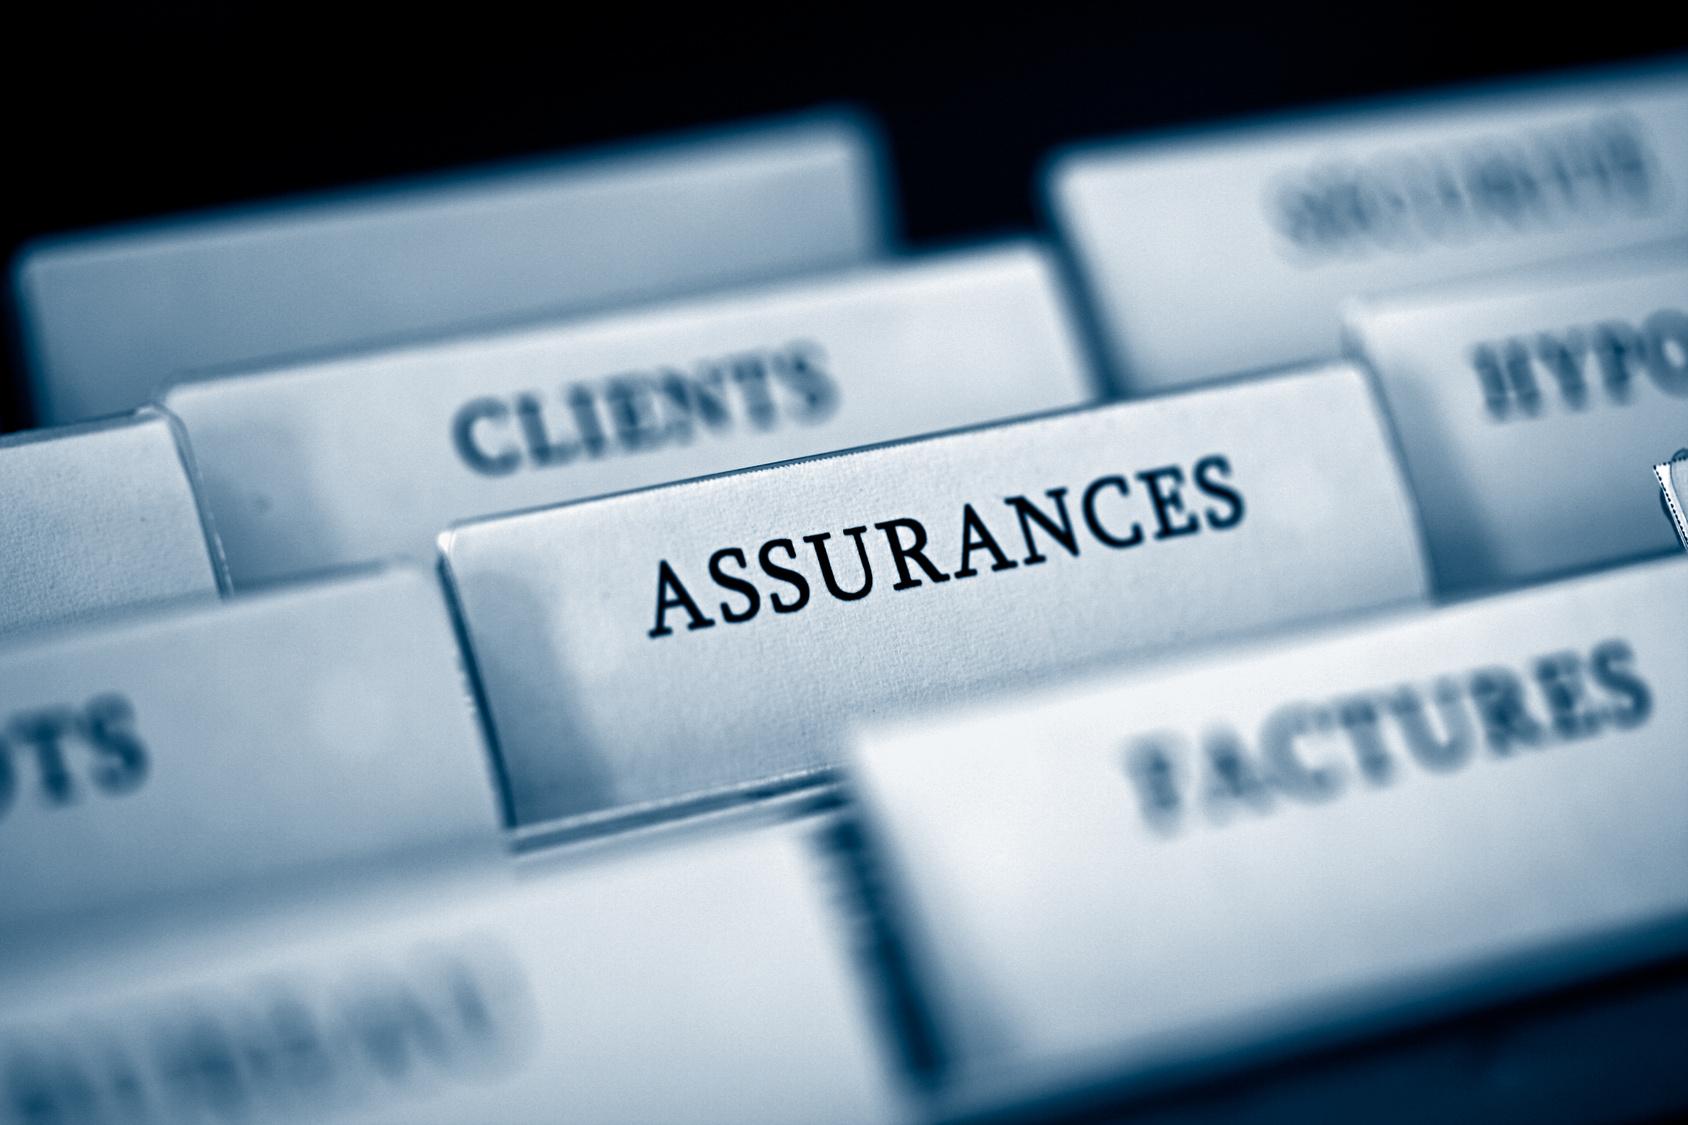 assurance-2.jpg